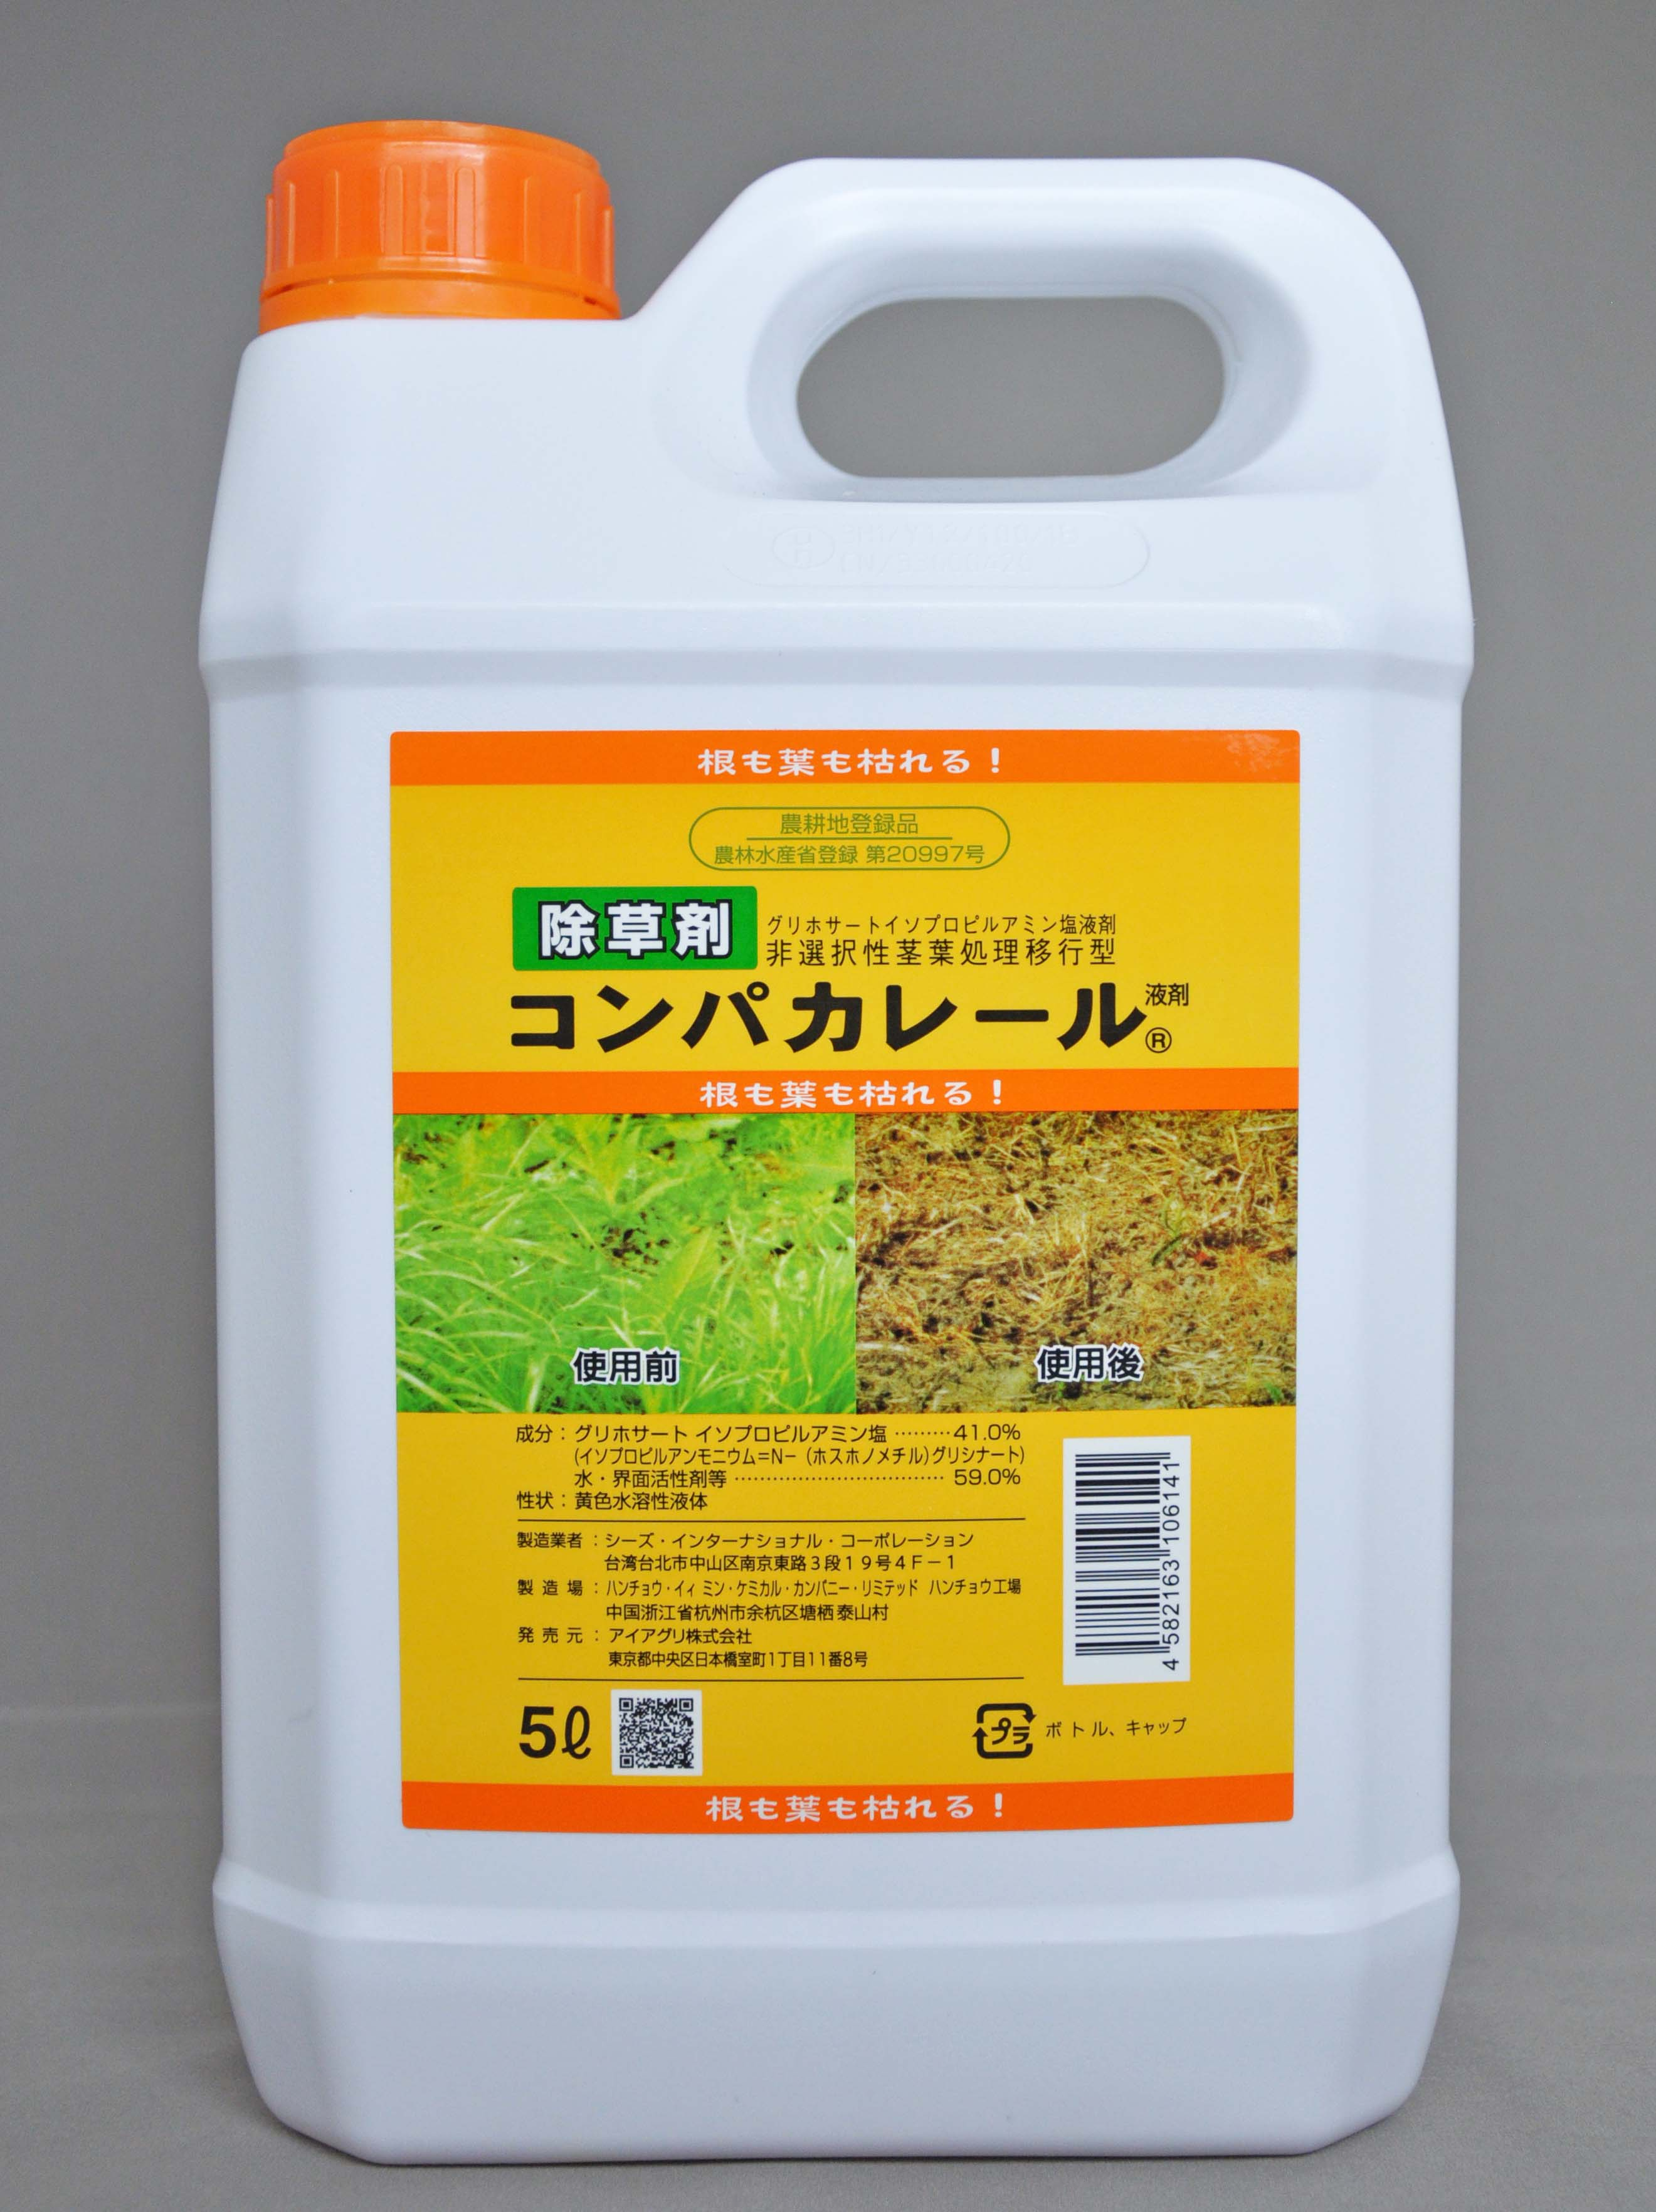 非選択性茎葉処理除草剤「コンパカレール」5L